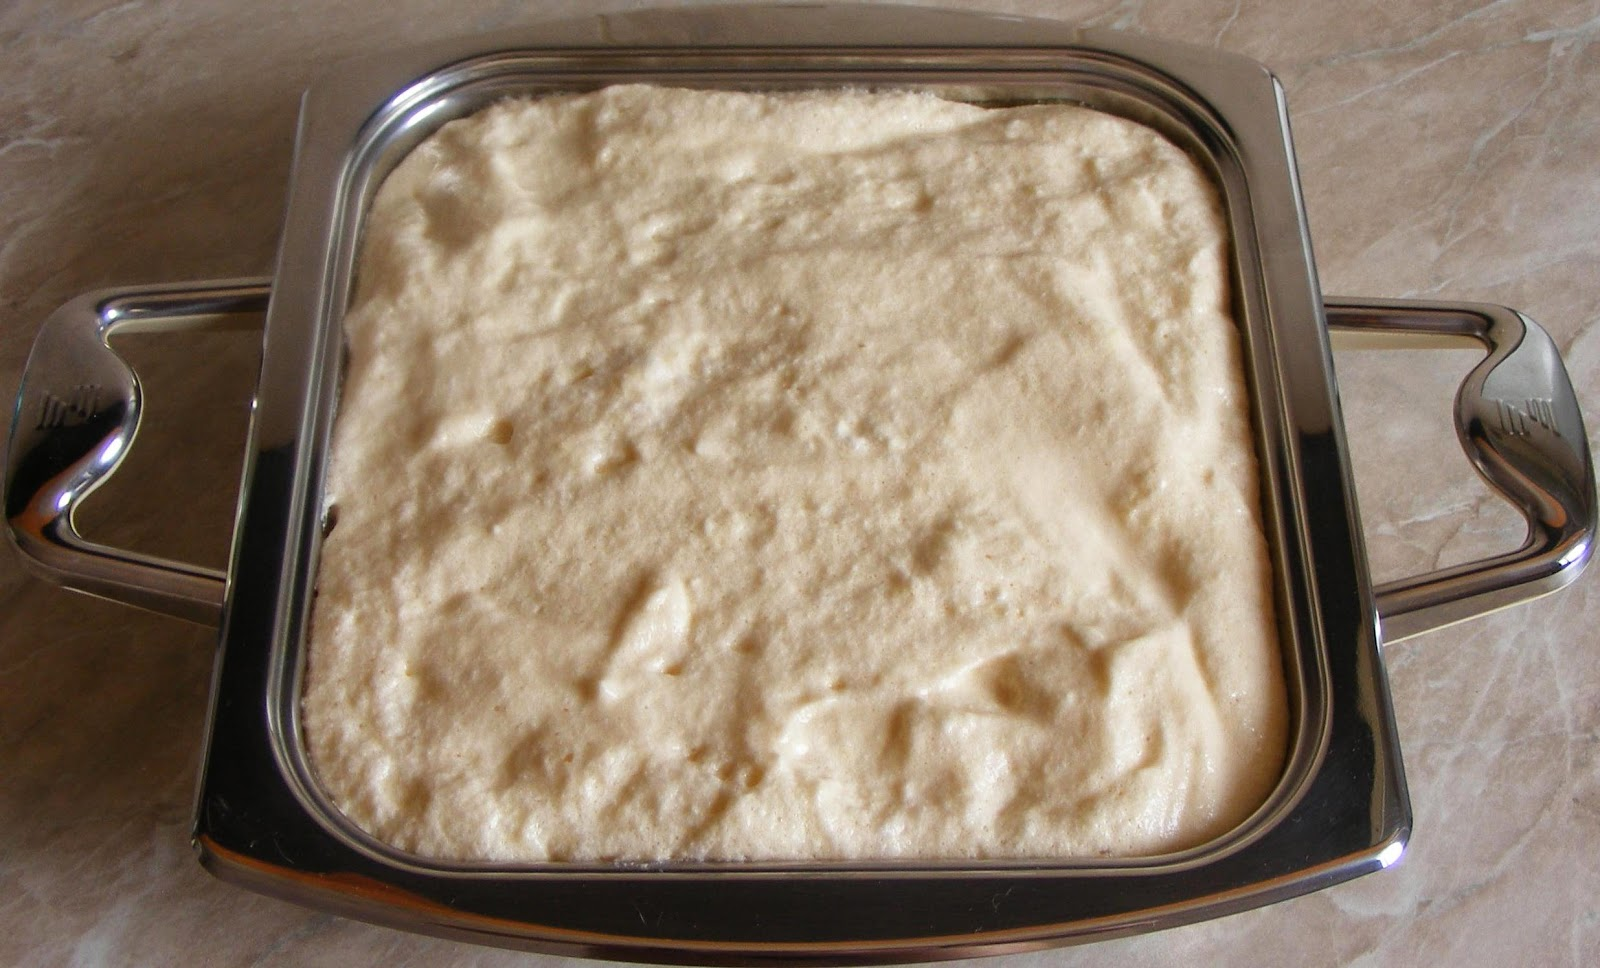 preparare tarta cu fructe de casa, cum se prepara tarta cu caise, cum se face tarta cu fructe, retete si preparate culinare tarta de casa cu fructe, retete la zepter,